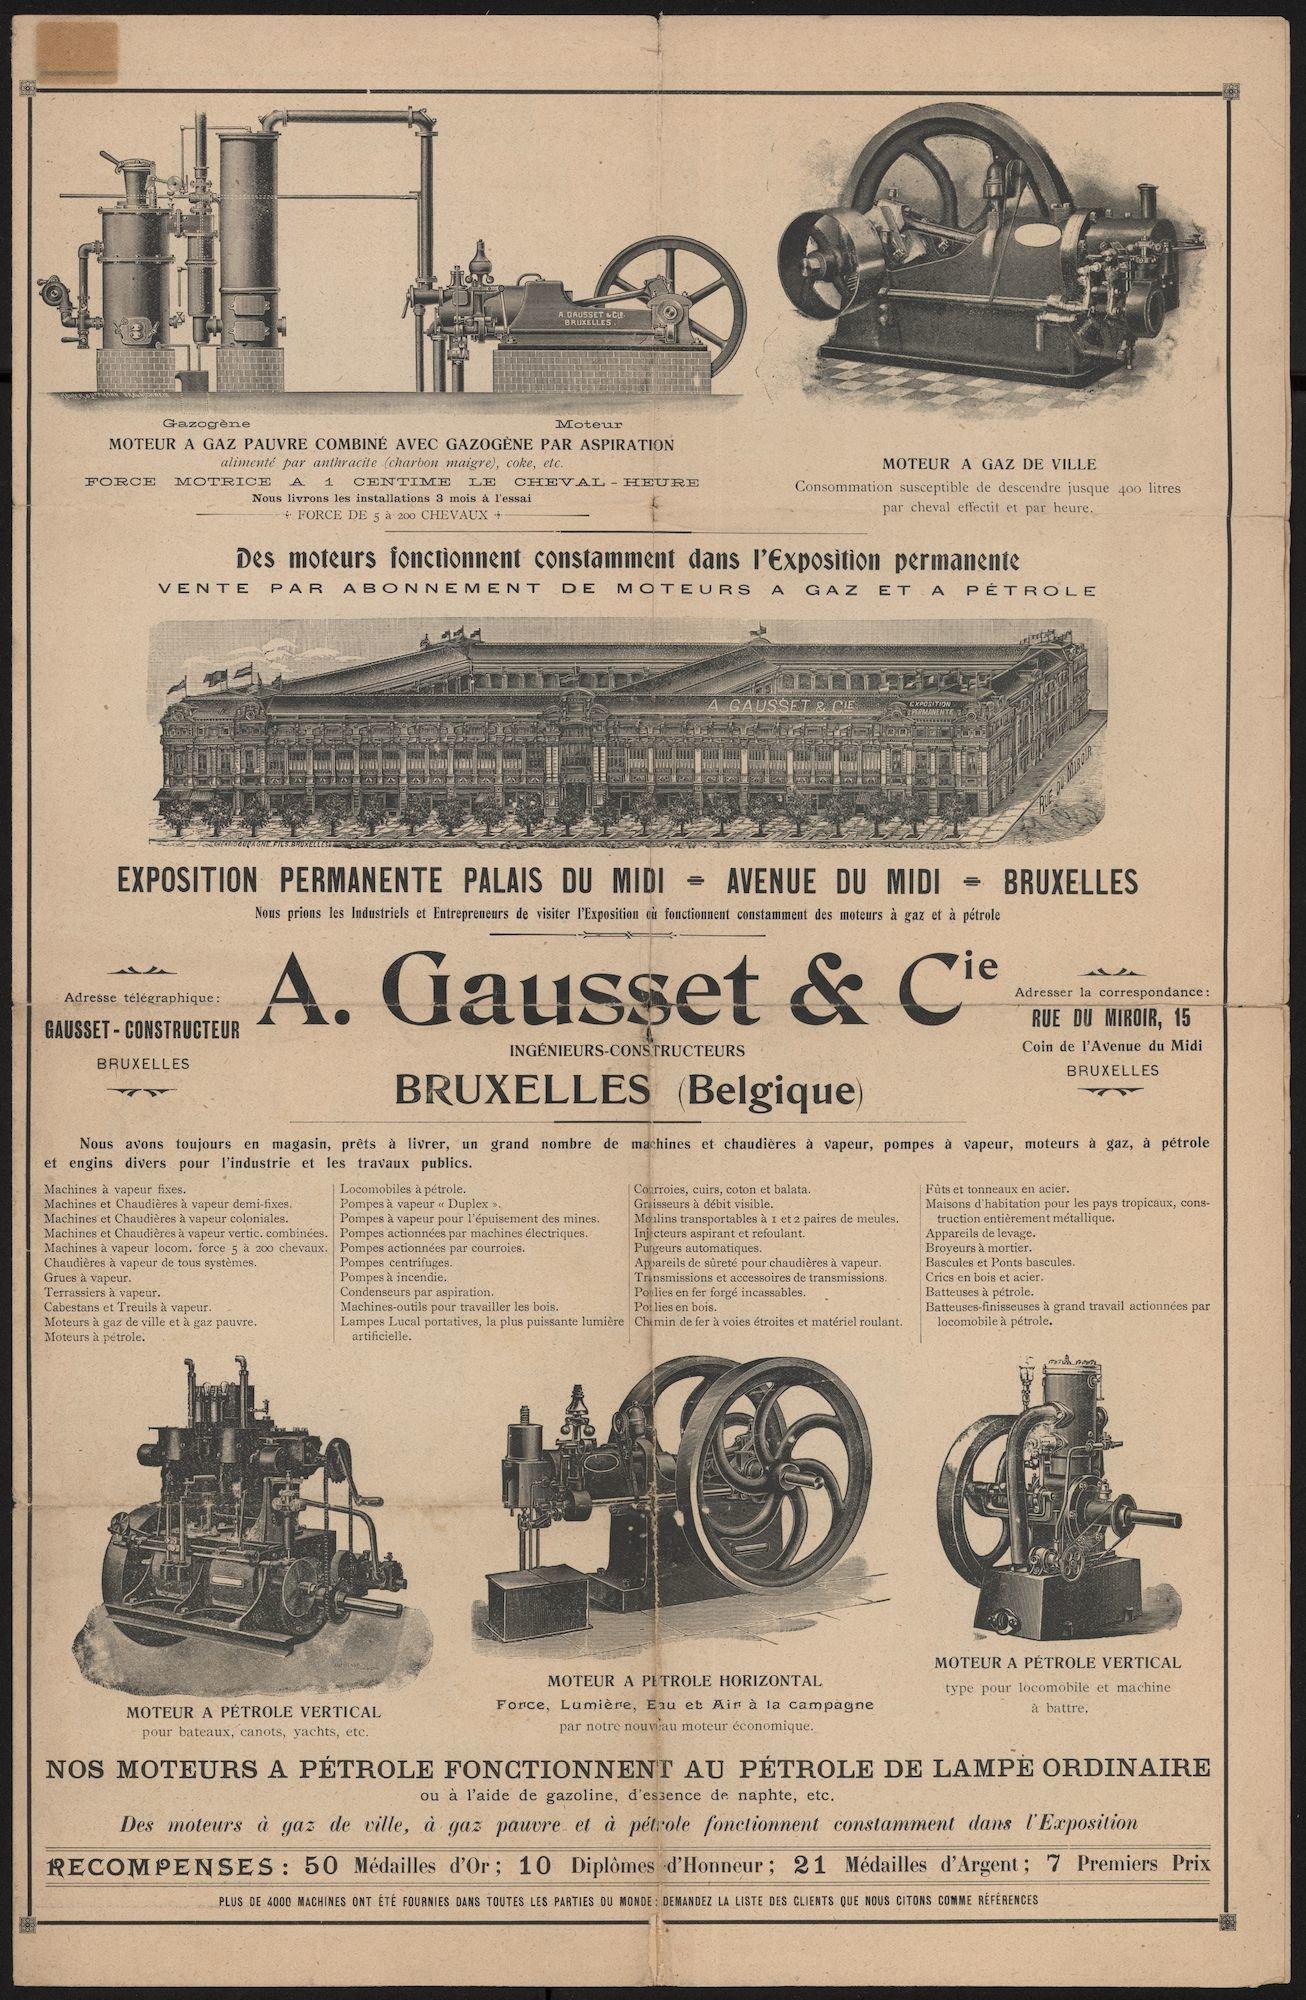 Verkoopsfolder van het constructieatelier A. Gausset & Cie. te Brussel